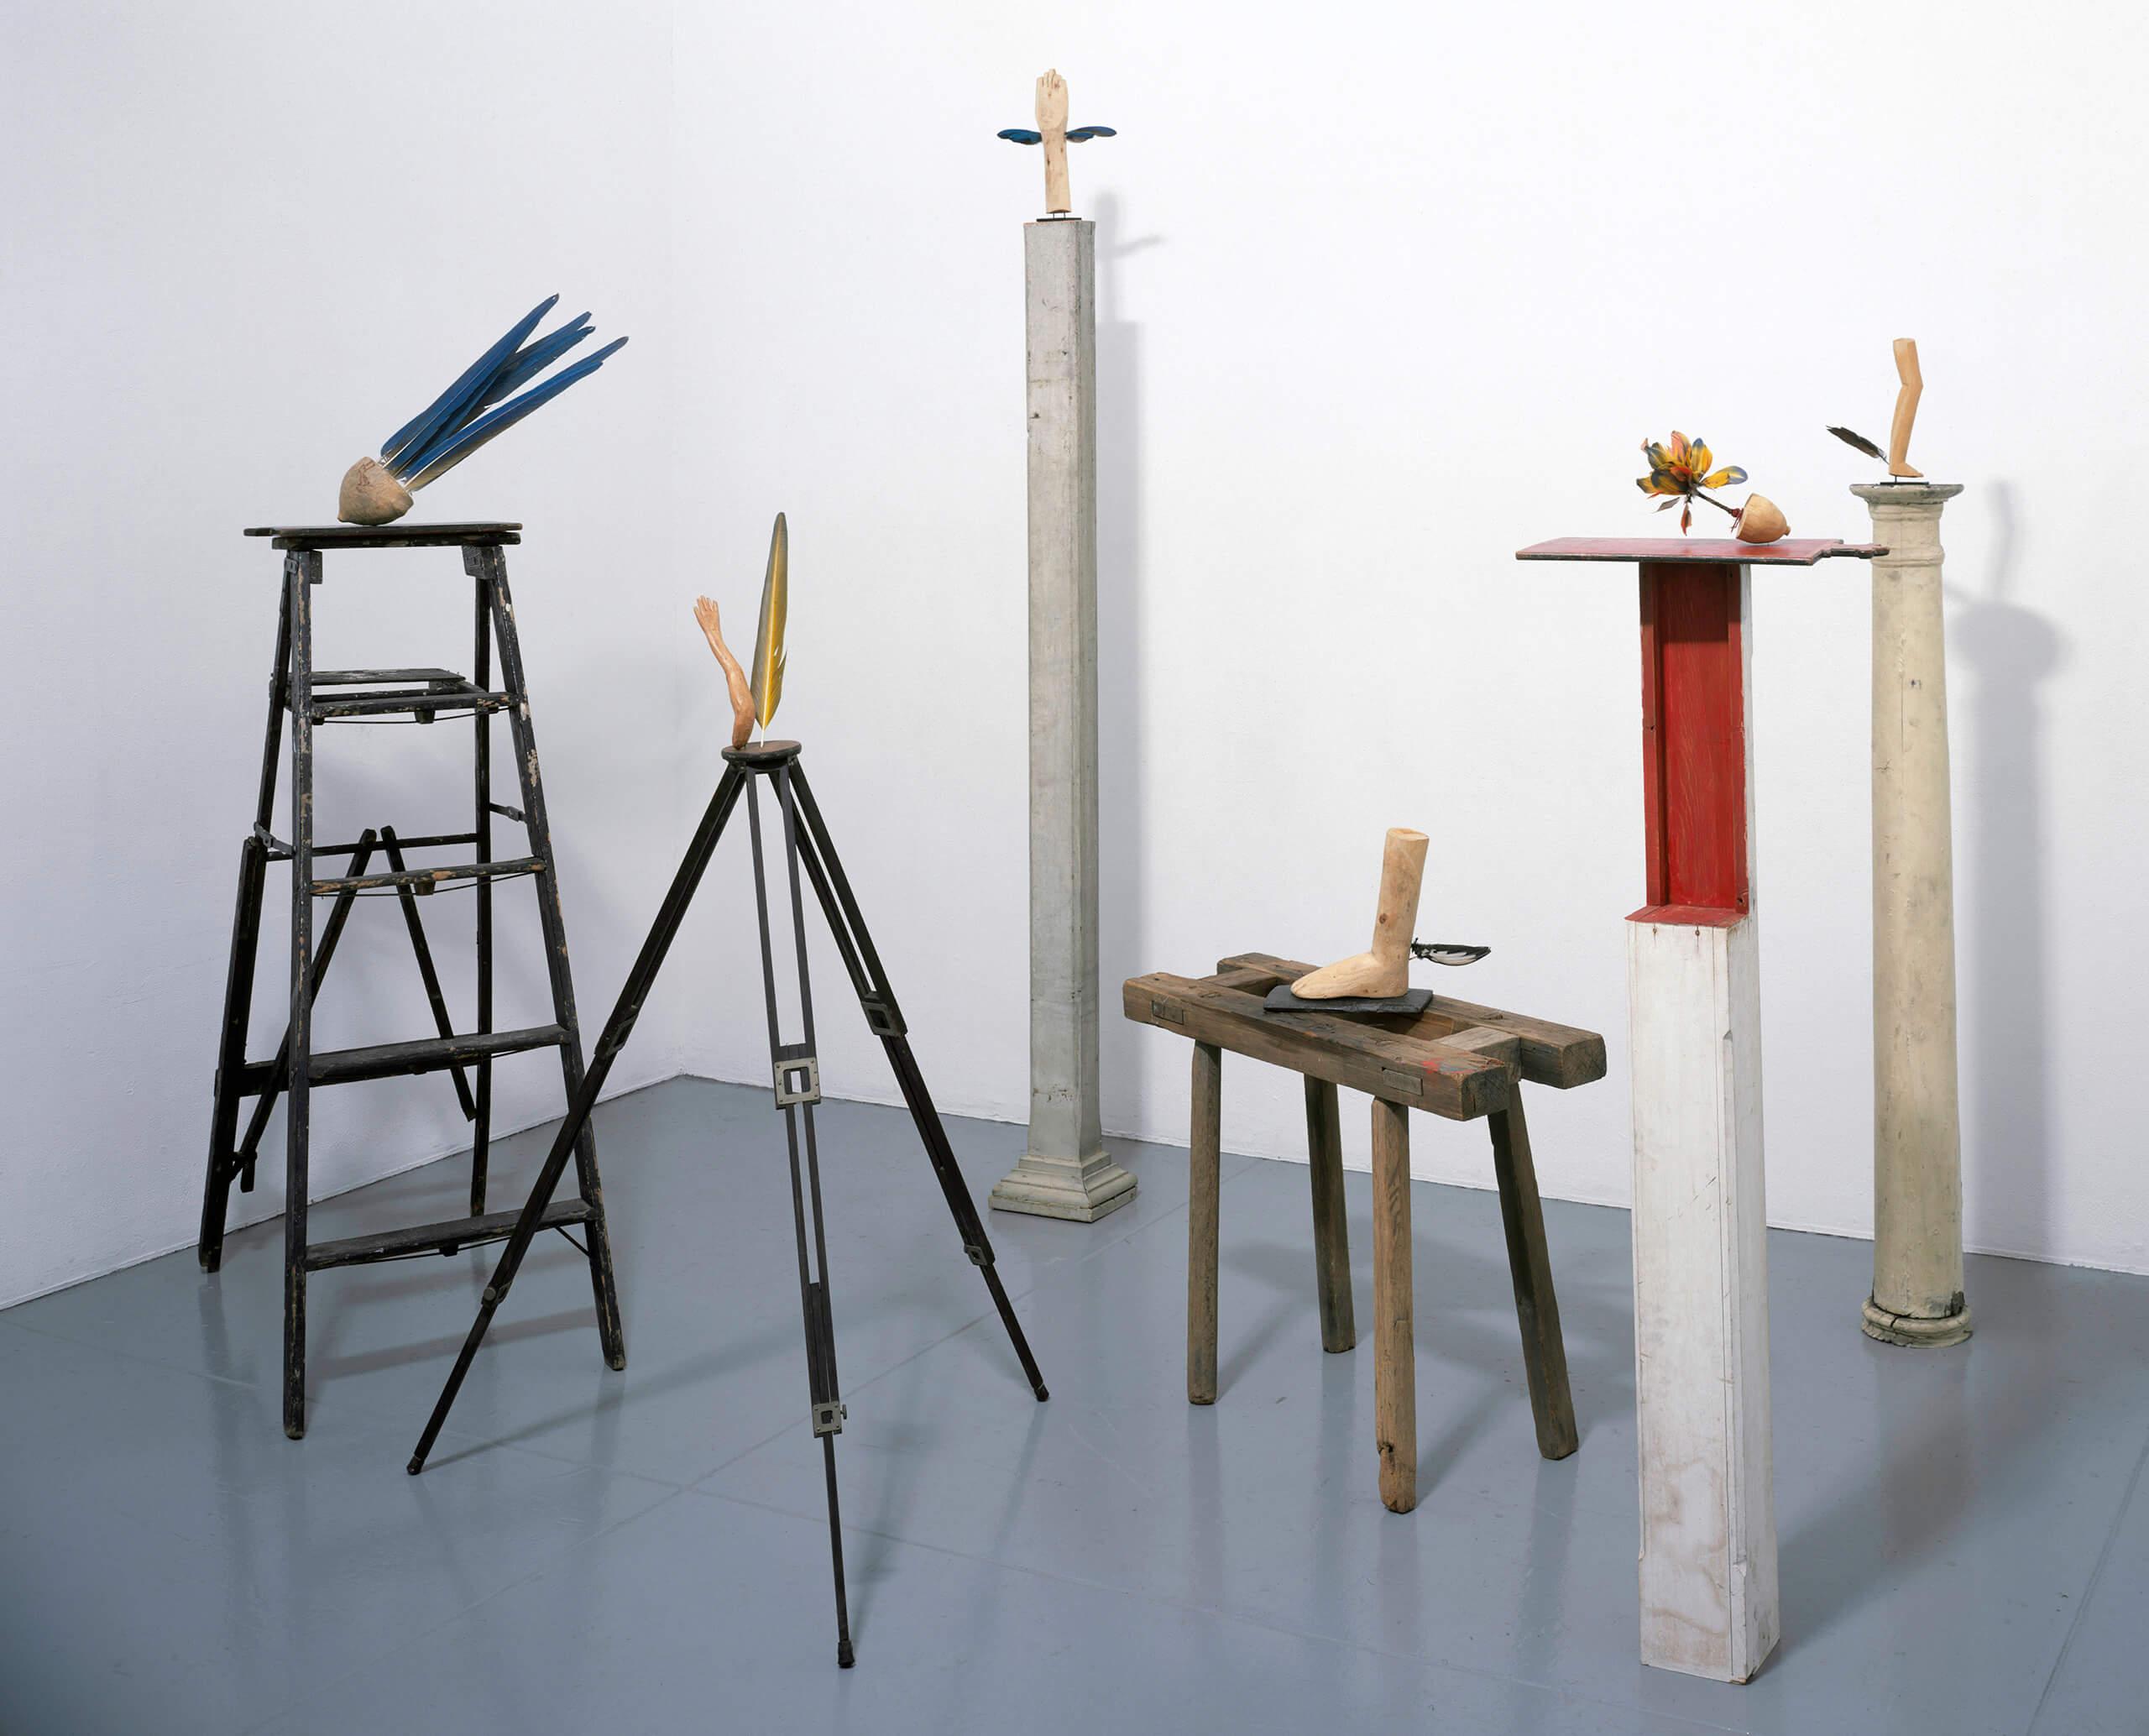 Santos y Profetas | Portadores de sentido. Arte contemporáneo en la Colección Patricia Phelps de Cisneros. | Museo Amparo, Puebla